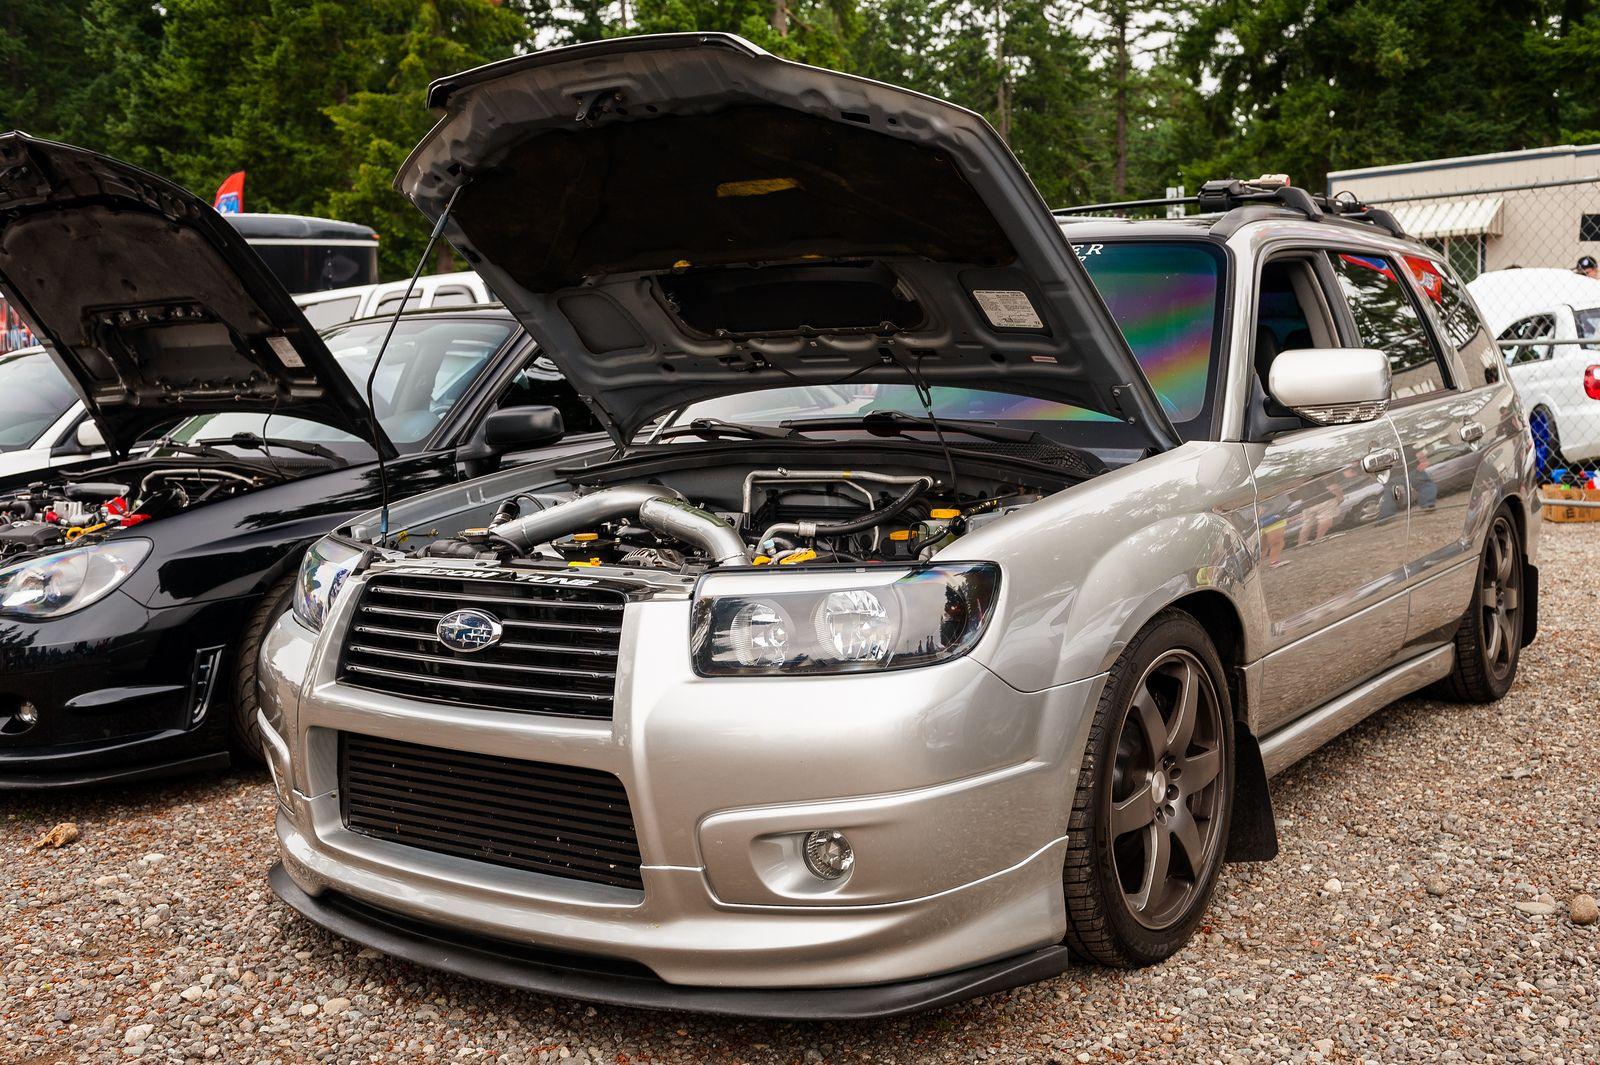 Subaru Forester Sg Tuning 2 Subaru Forester Subaru Forester Xt Subaru